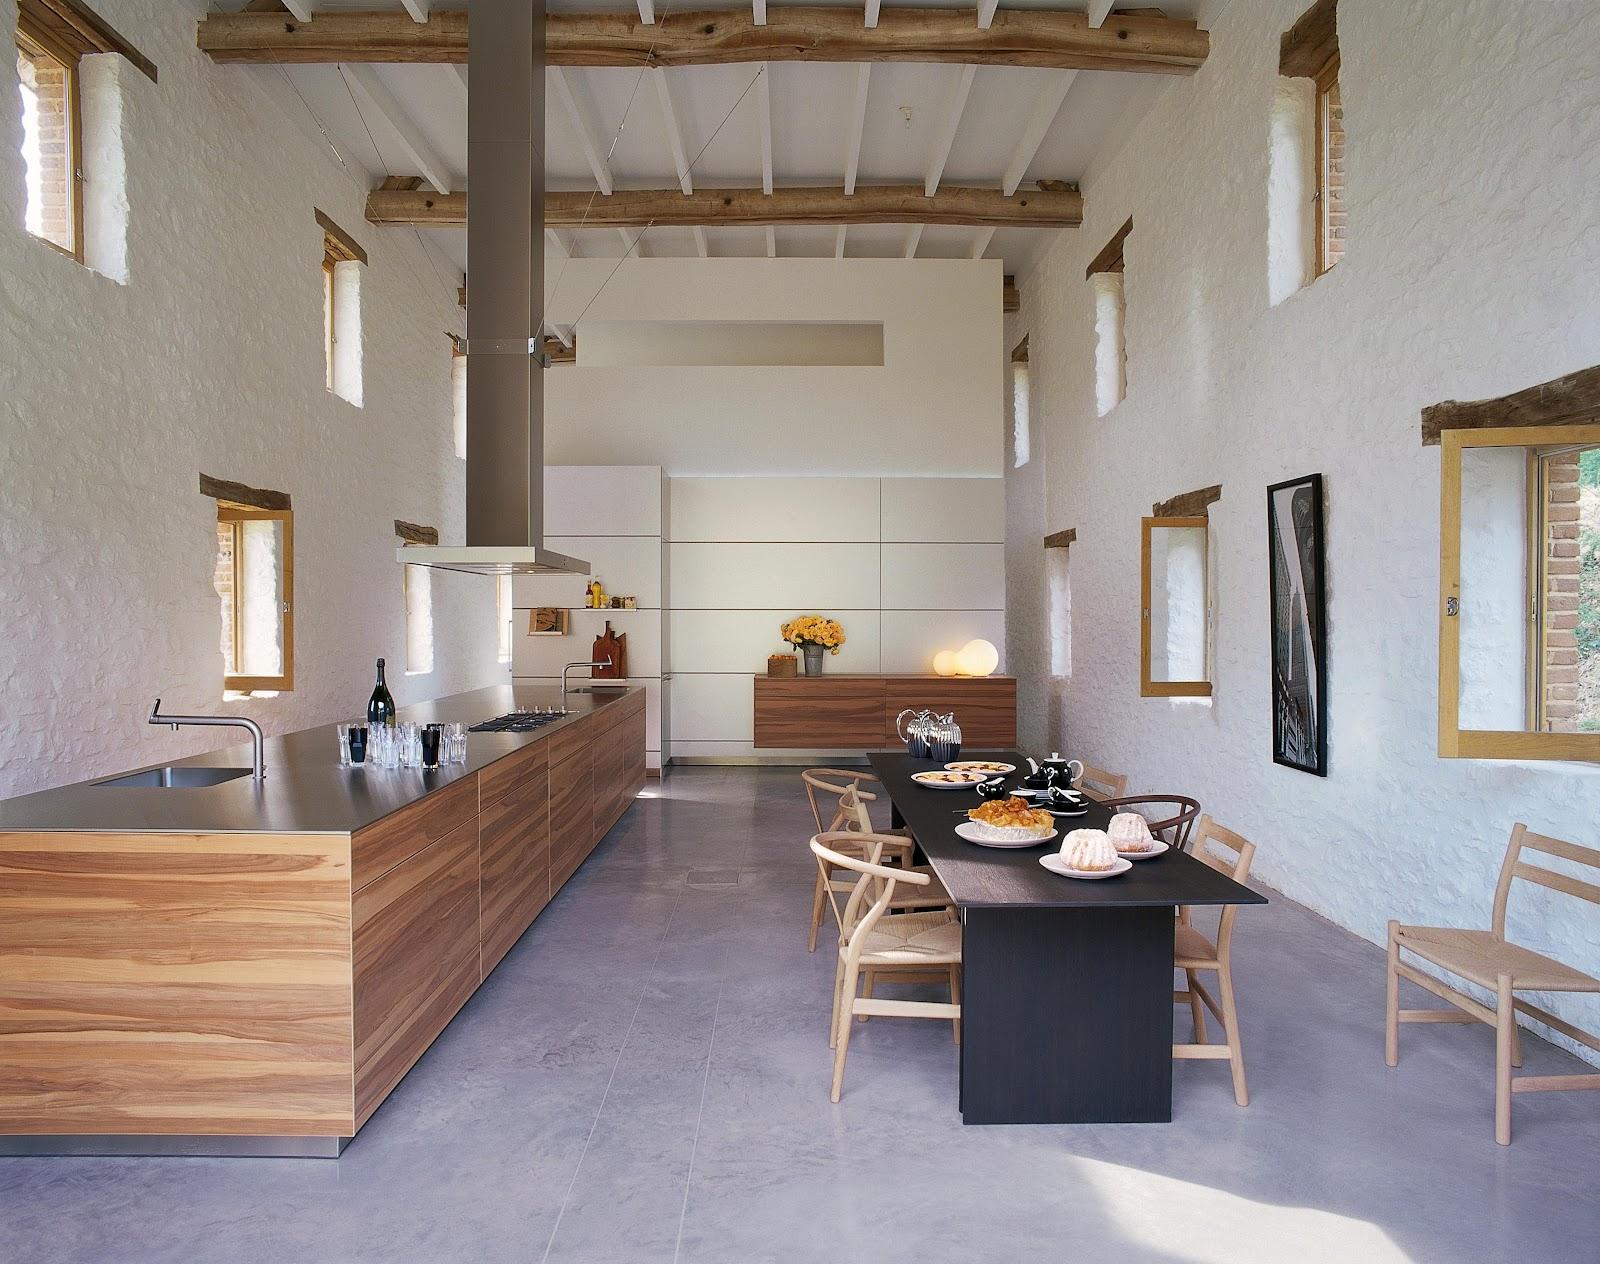 d corer une cuisine les bases couleurs et nuances le blog des accros de la d co. Black Bedroom Furniture Sets. Home Design Ideas